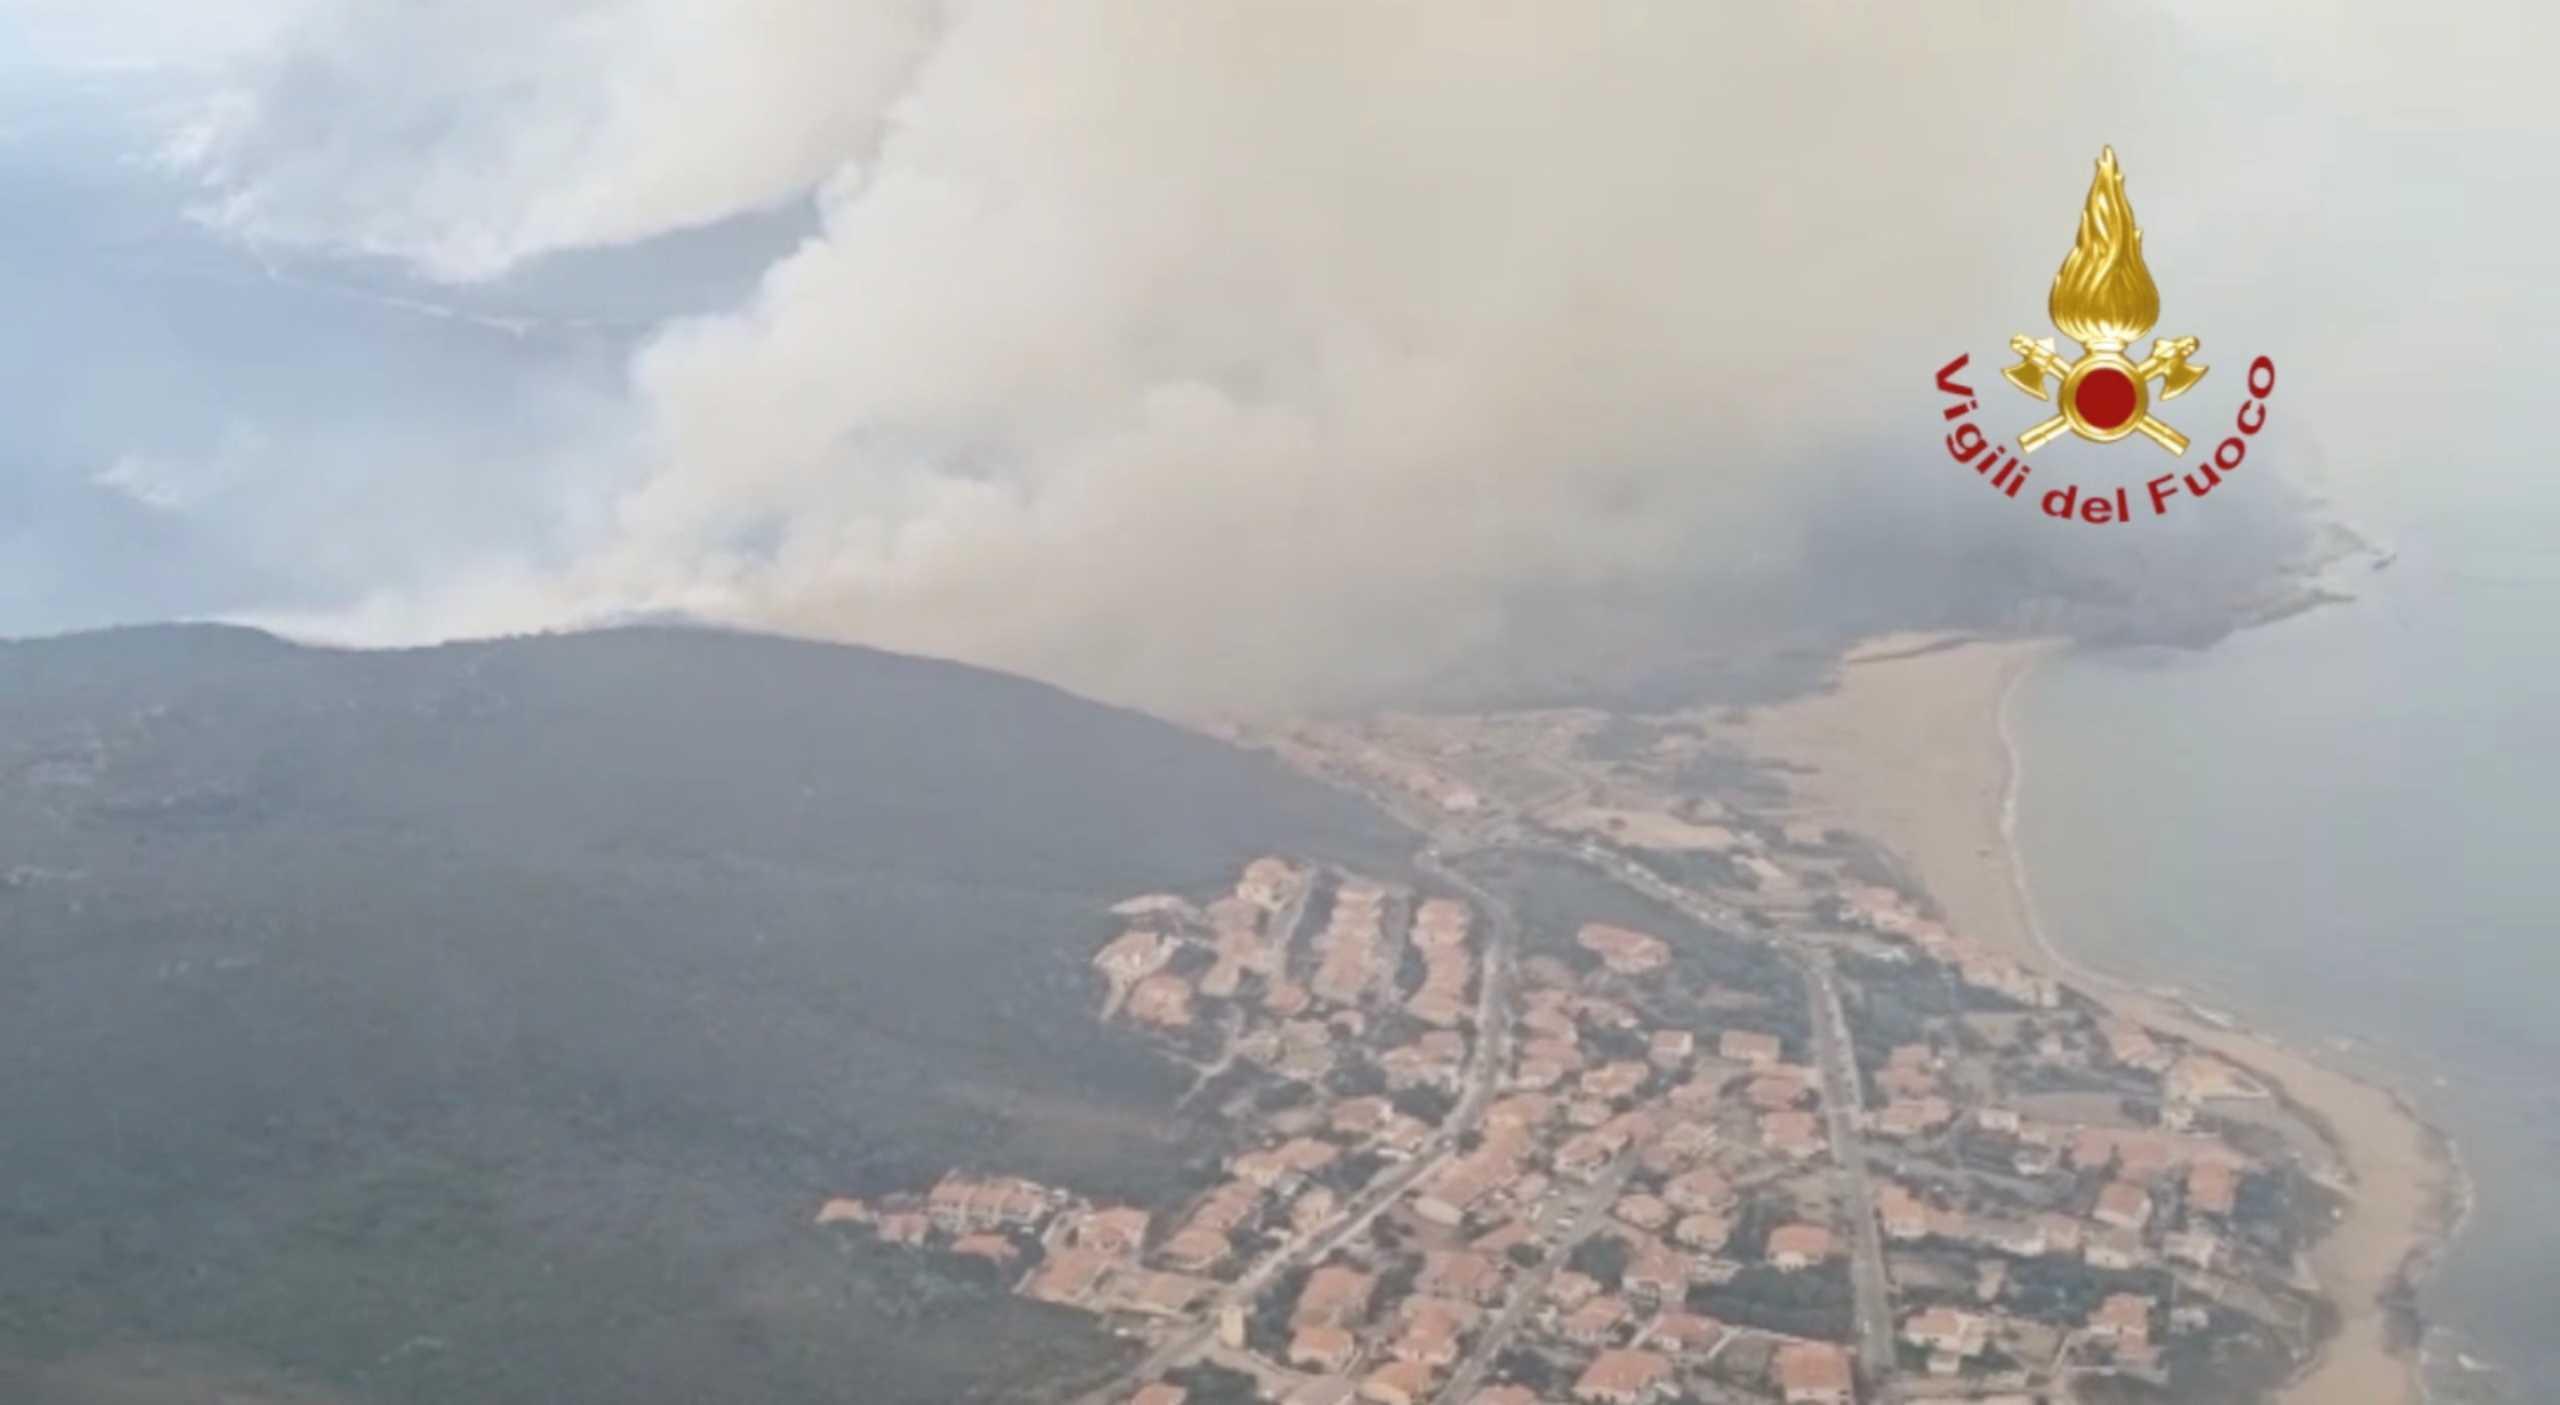 Ιταλία: Παραμένει εκτός ελέγχου η φωτιά στην Σαρδηνία – Βοήθεια από την Ελλάδα με 2 καναντέρ